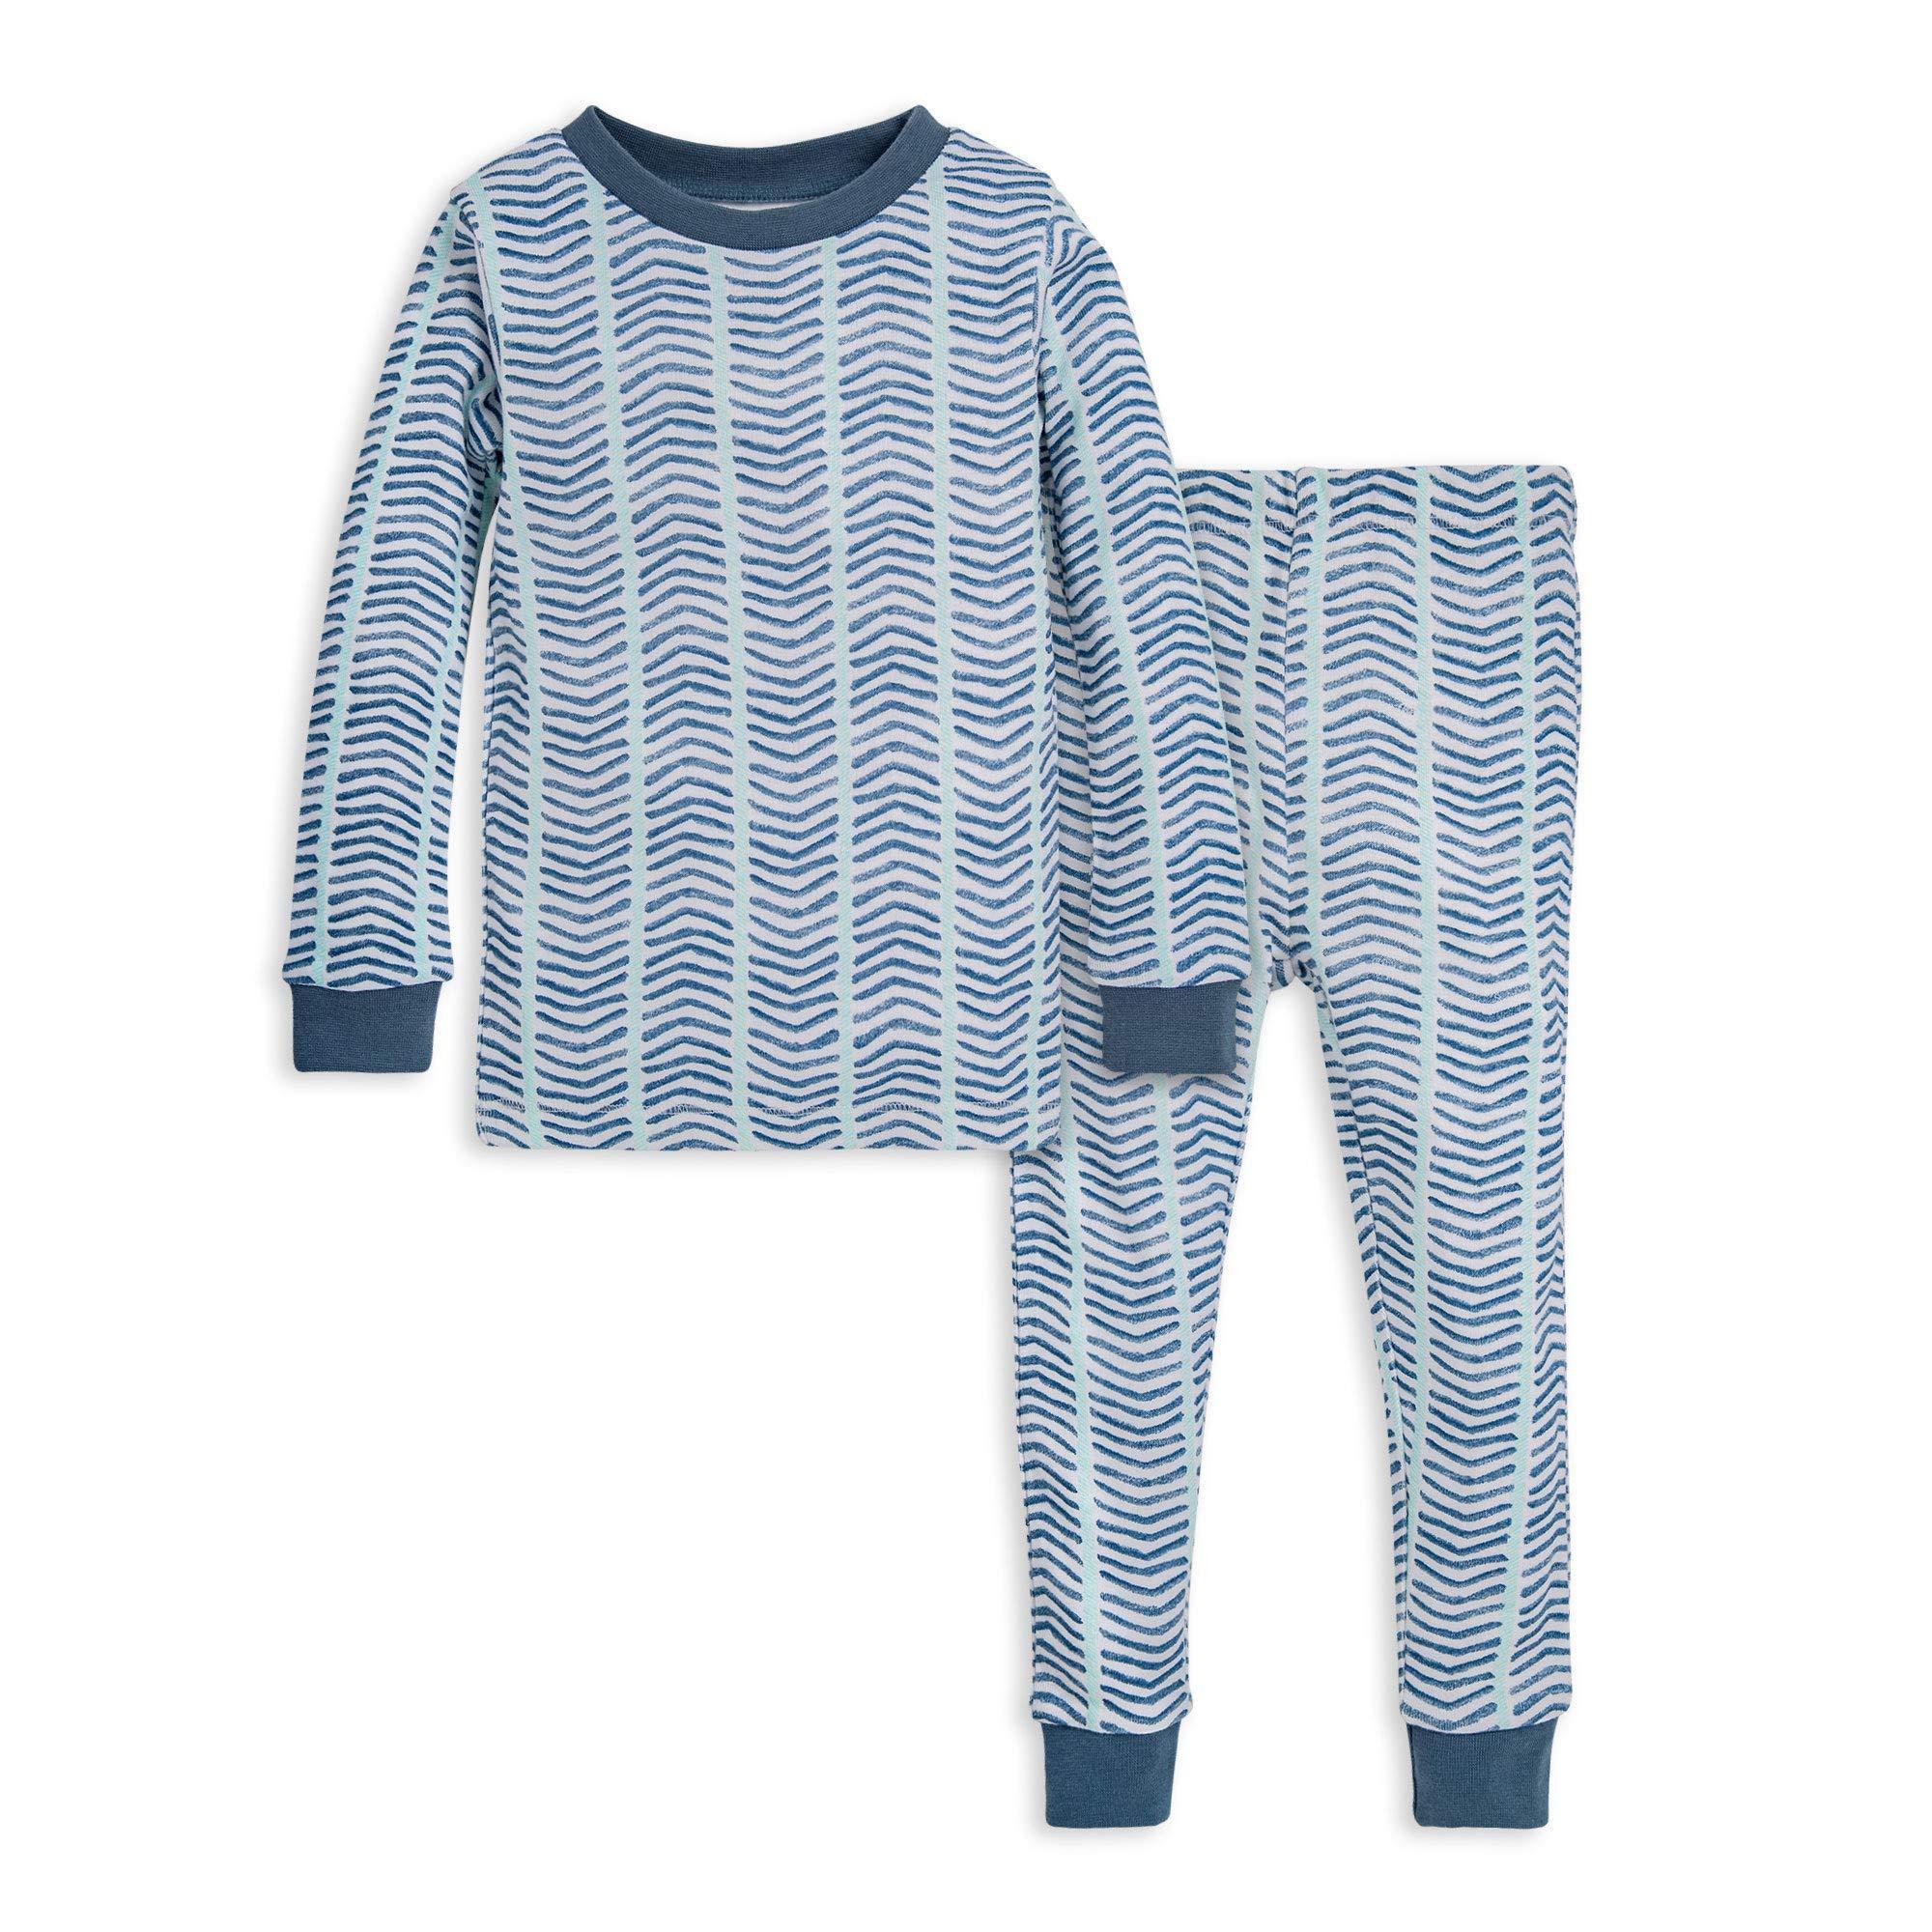 100/% Organic Cotton Burts Bees Baby Baby Boys Pajamas Tee and Pant 2-Piece Pj Set